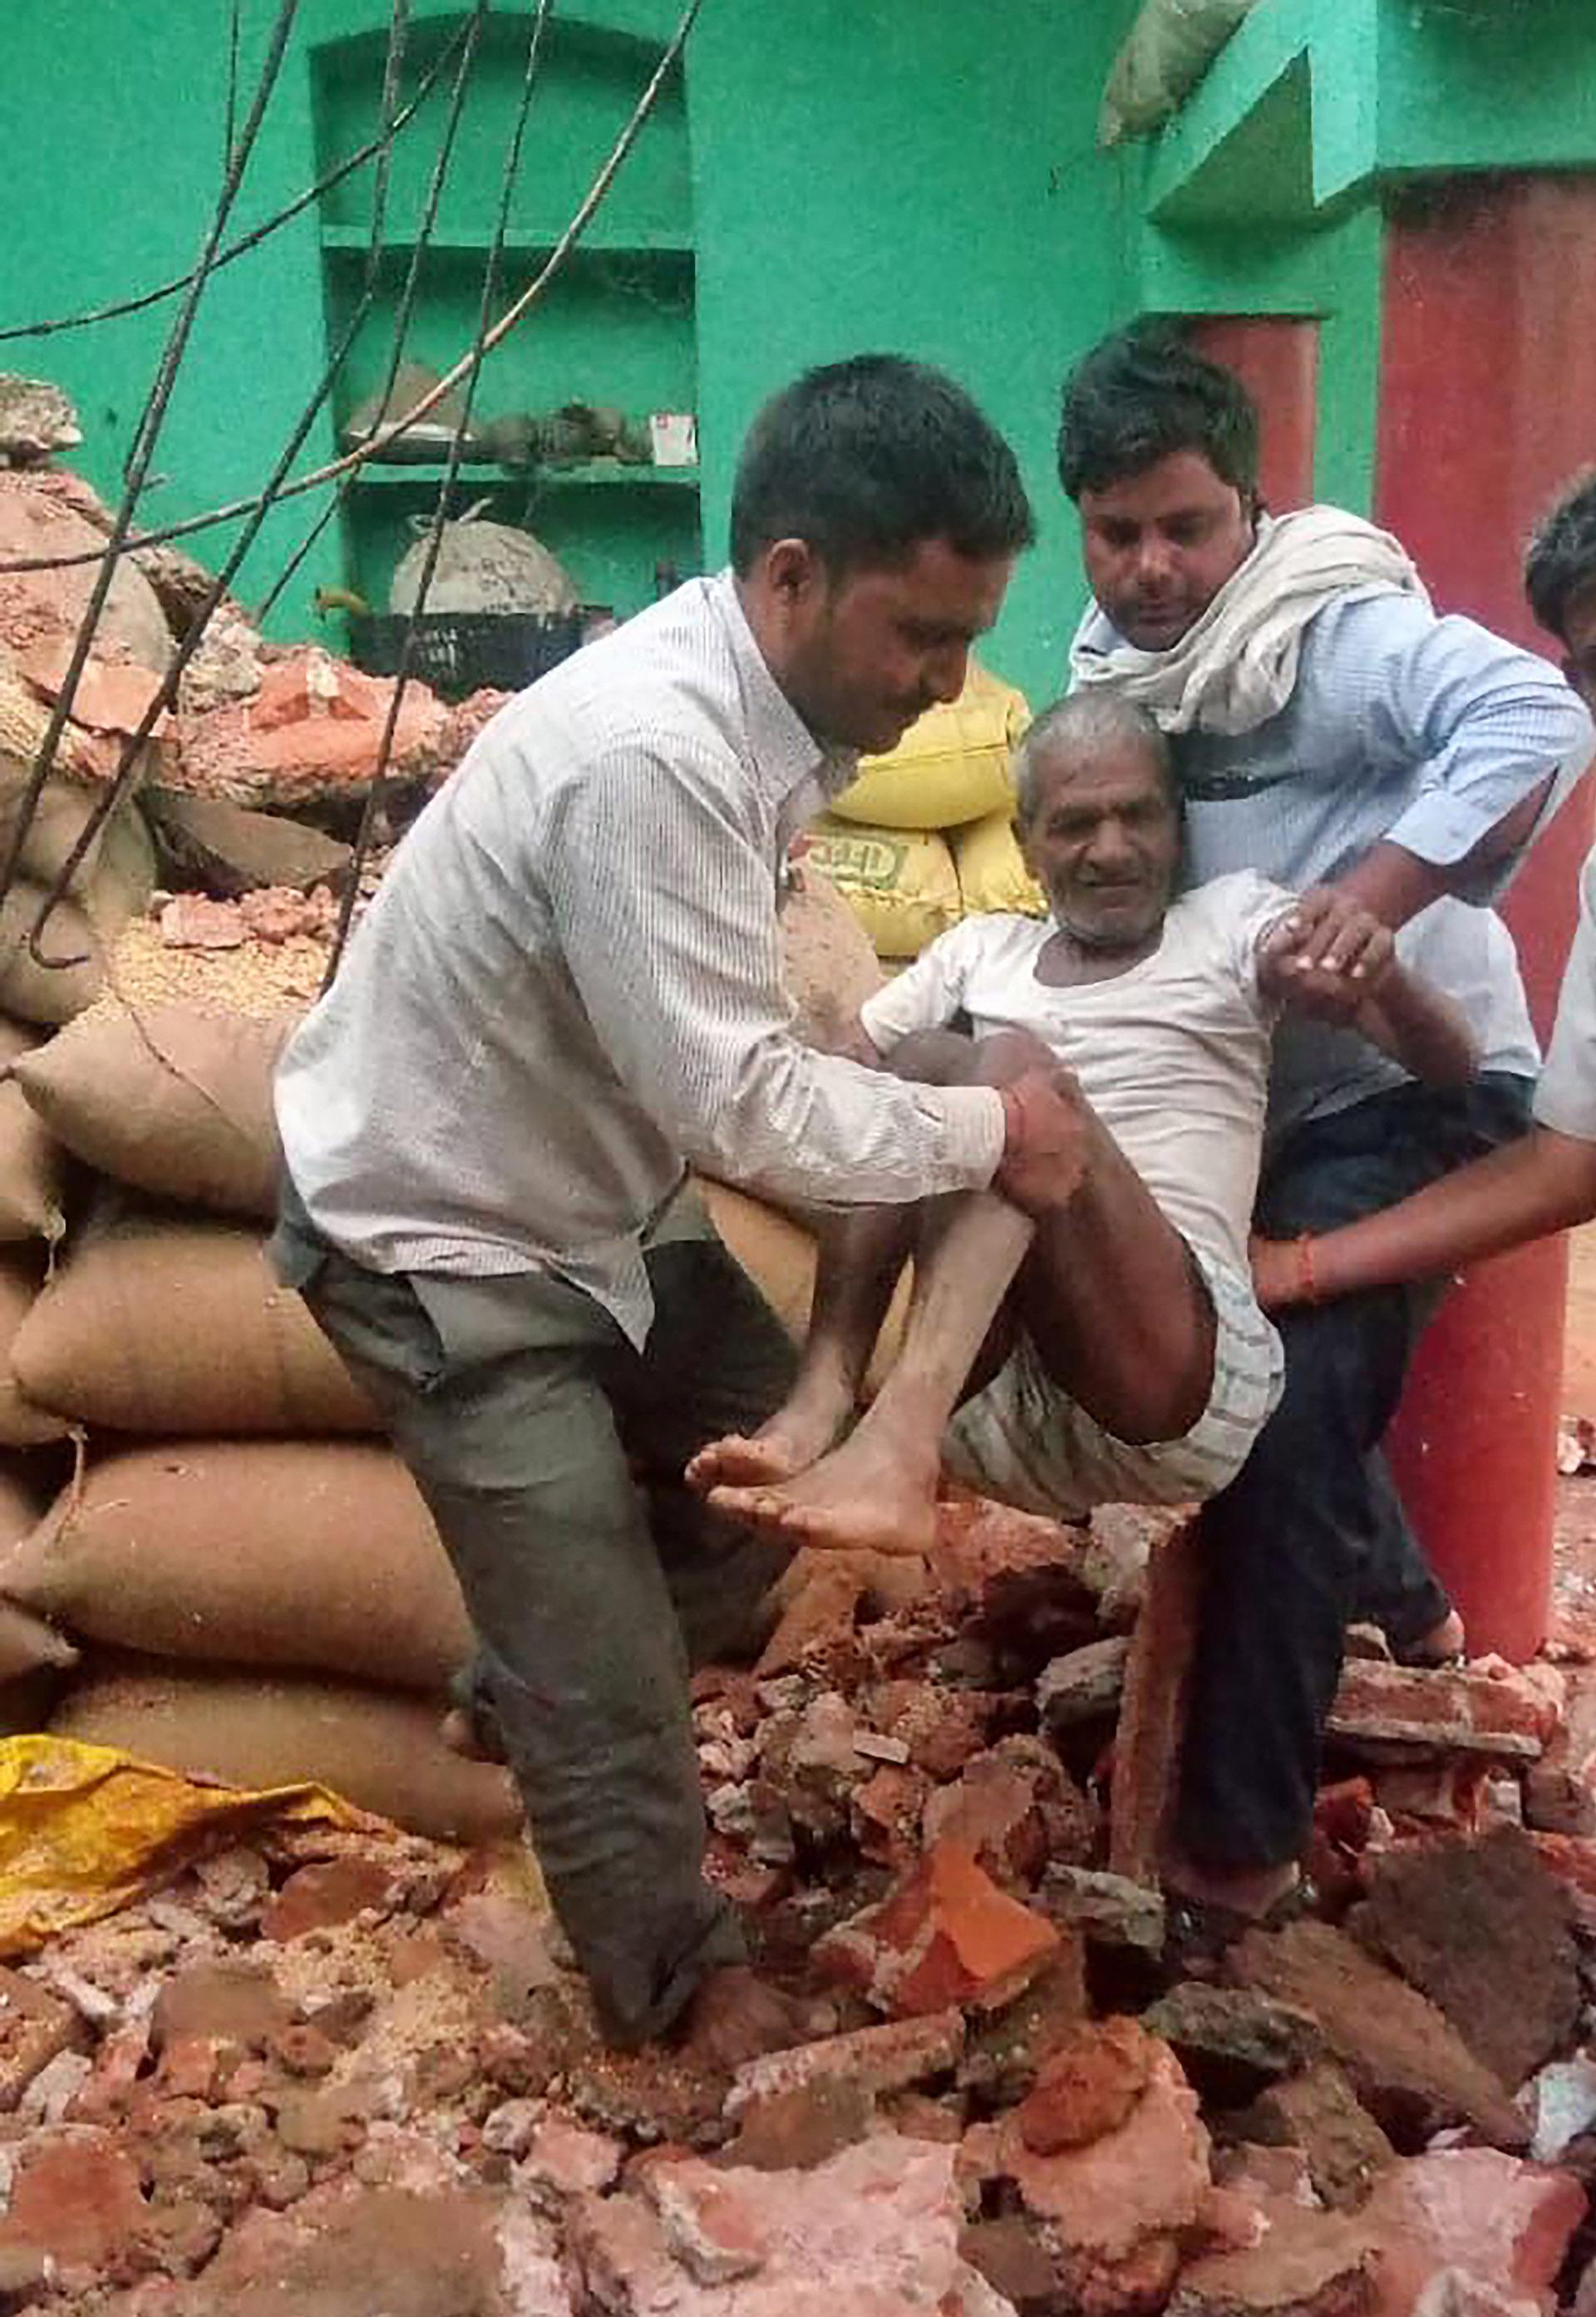 Un hombre es rescatado luego del colapso de su vivienda (AFP)